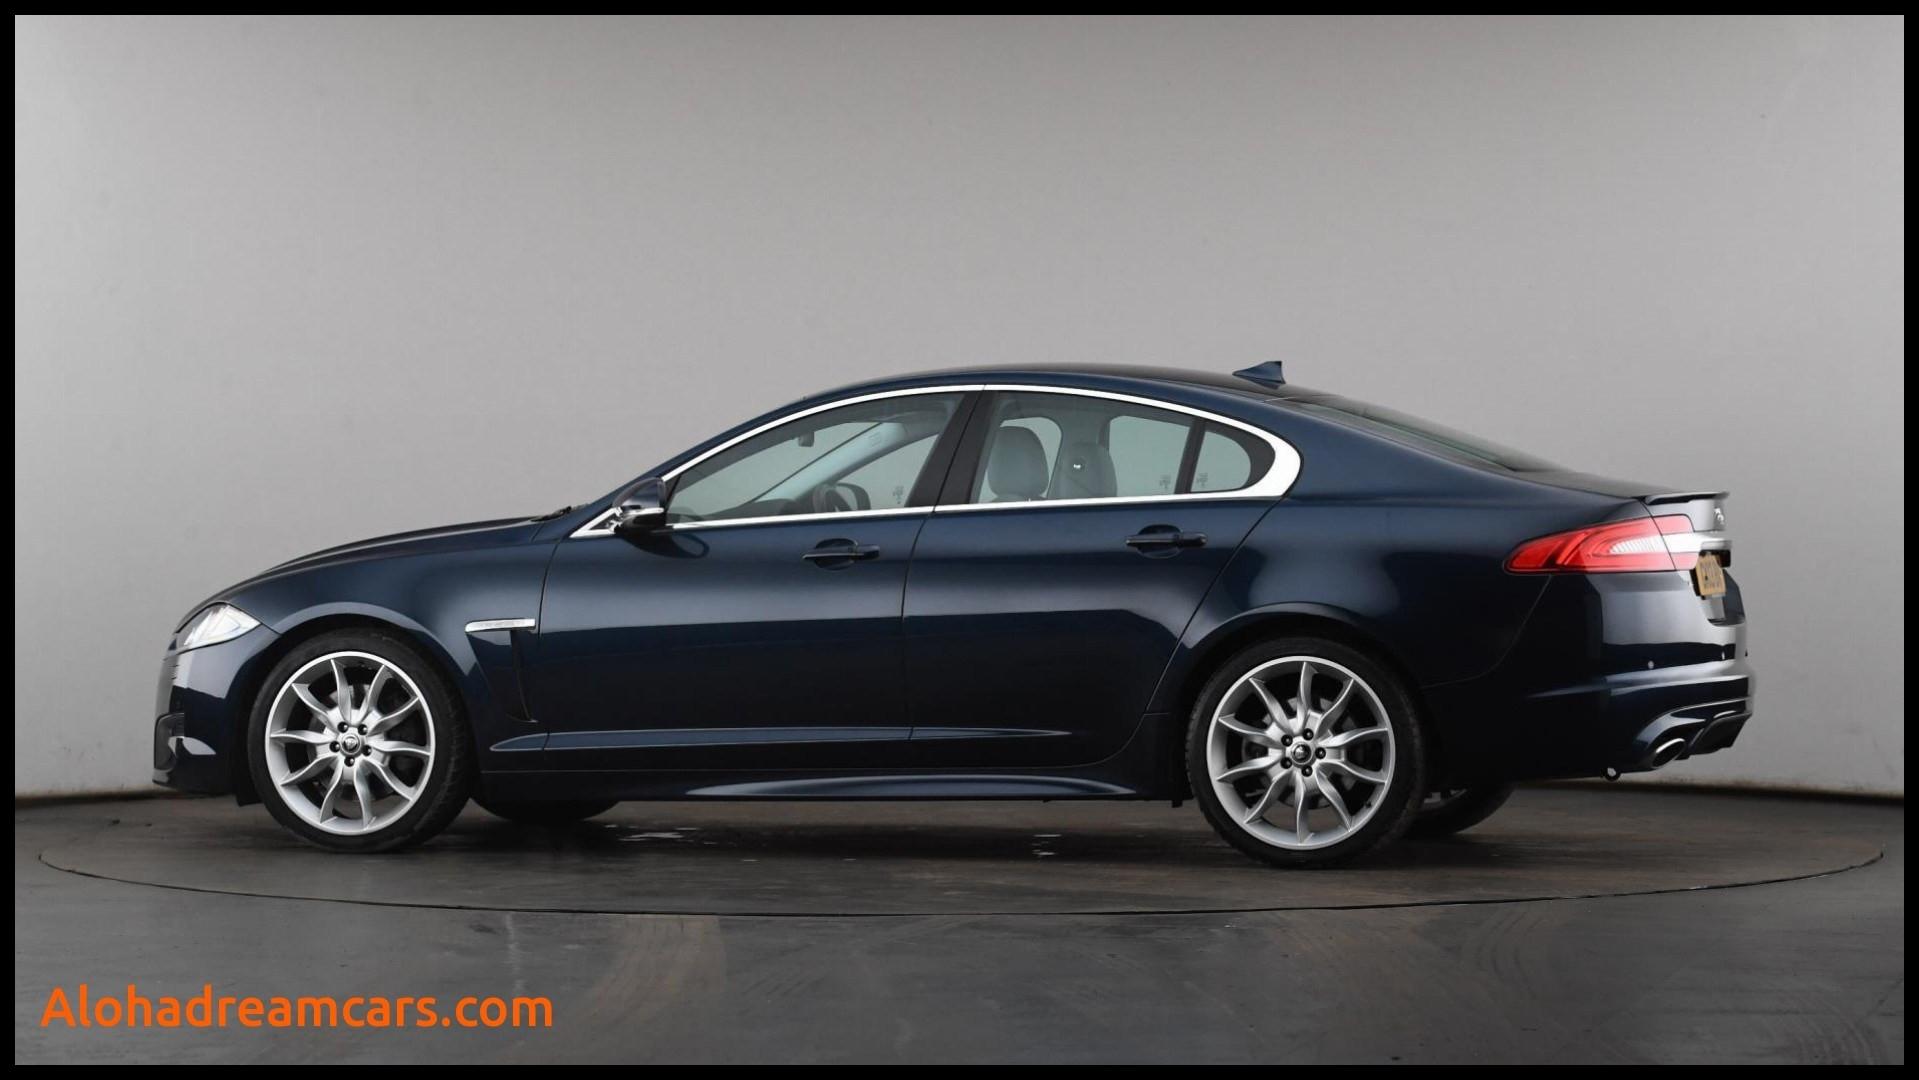 Used Car Reviews Beautiful 2019 Jaguar Xf Price and Release Date Used Jaguar Xf 3 0d